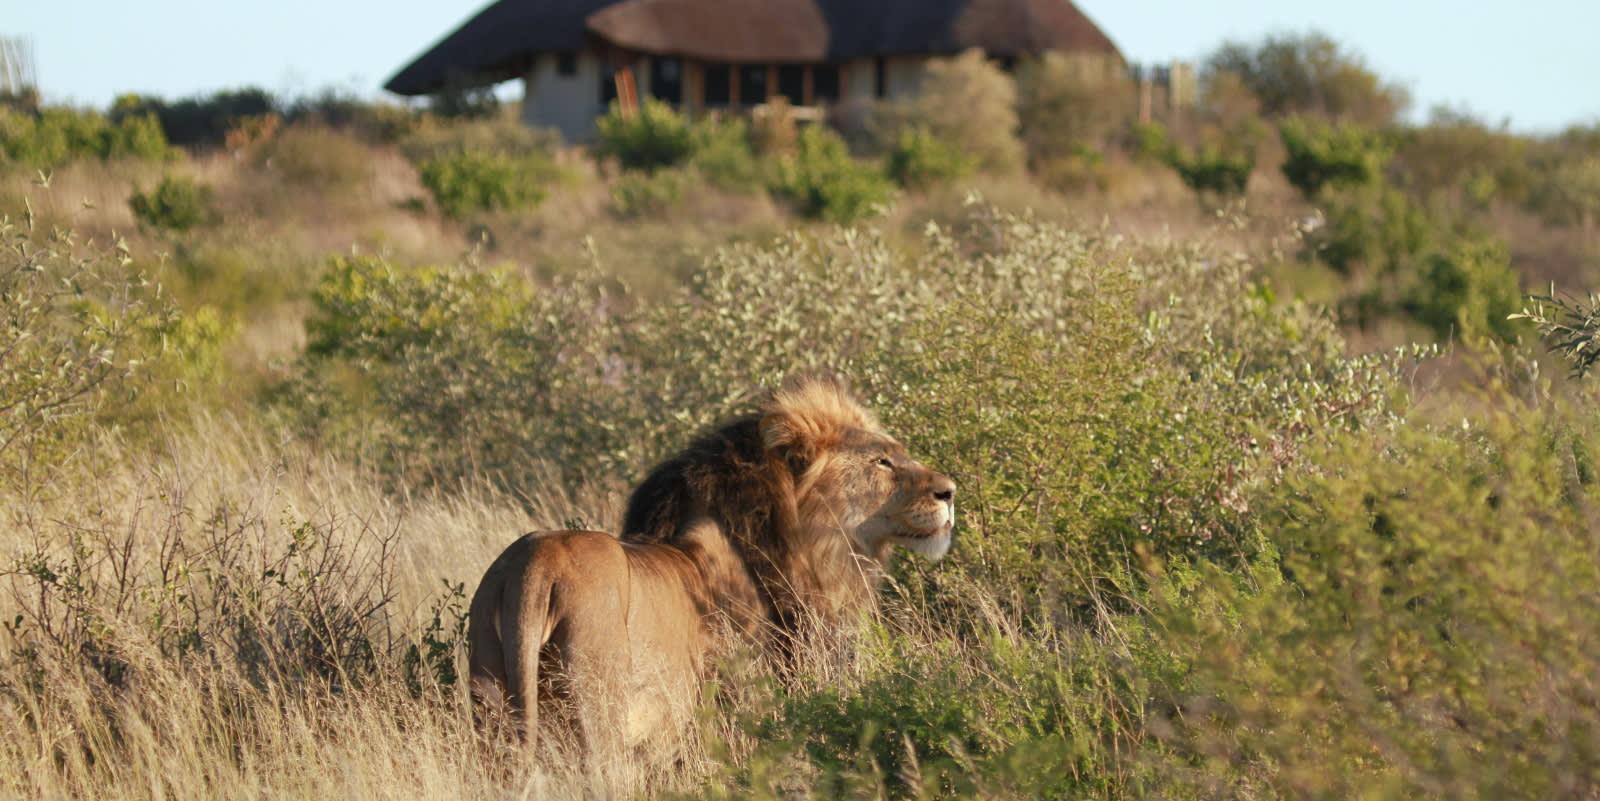 Löwen sind das Highlight jeder Safari